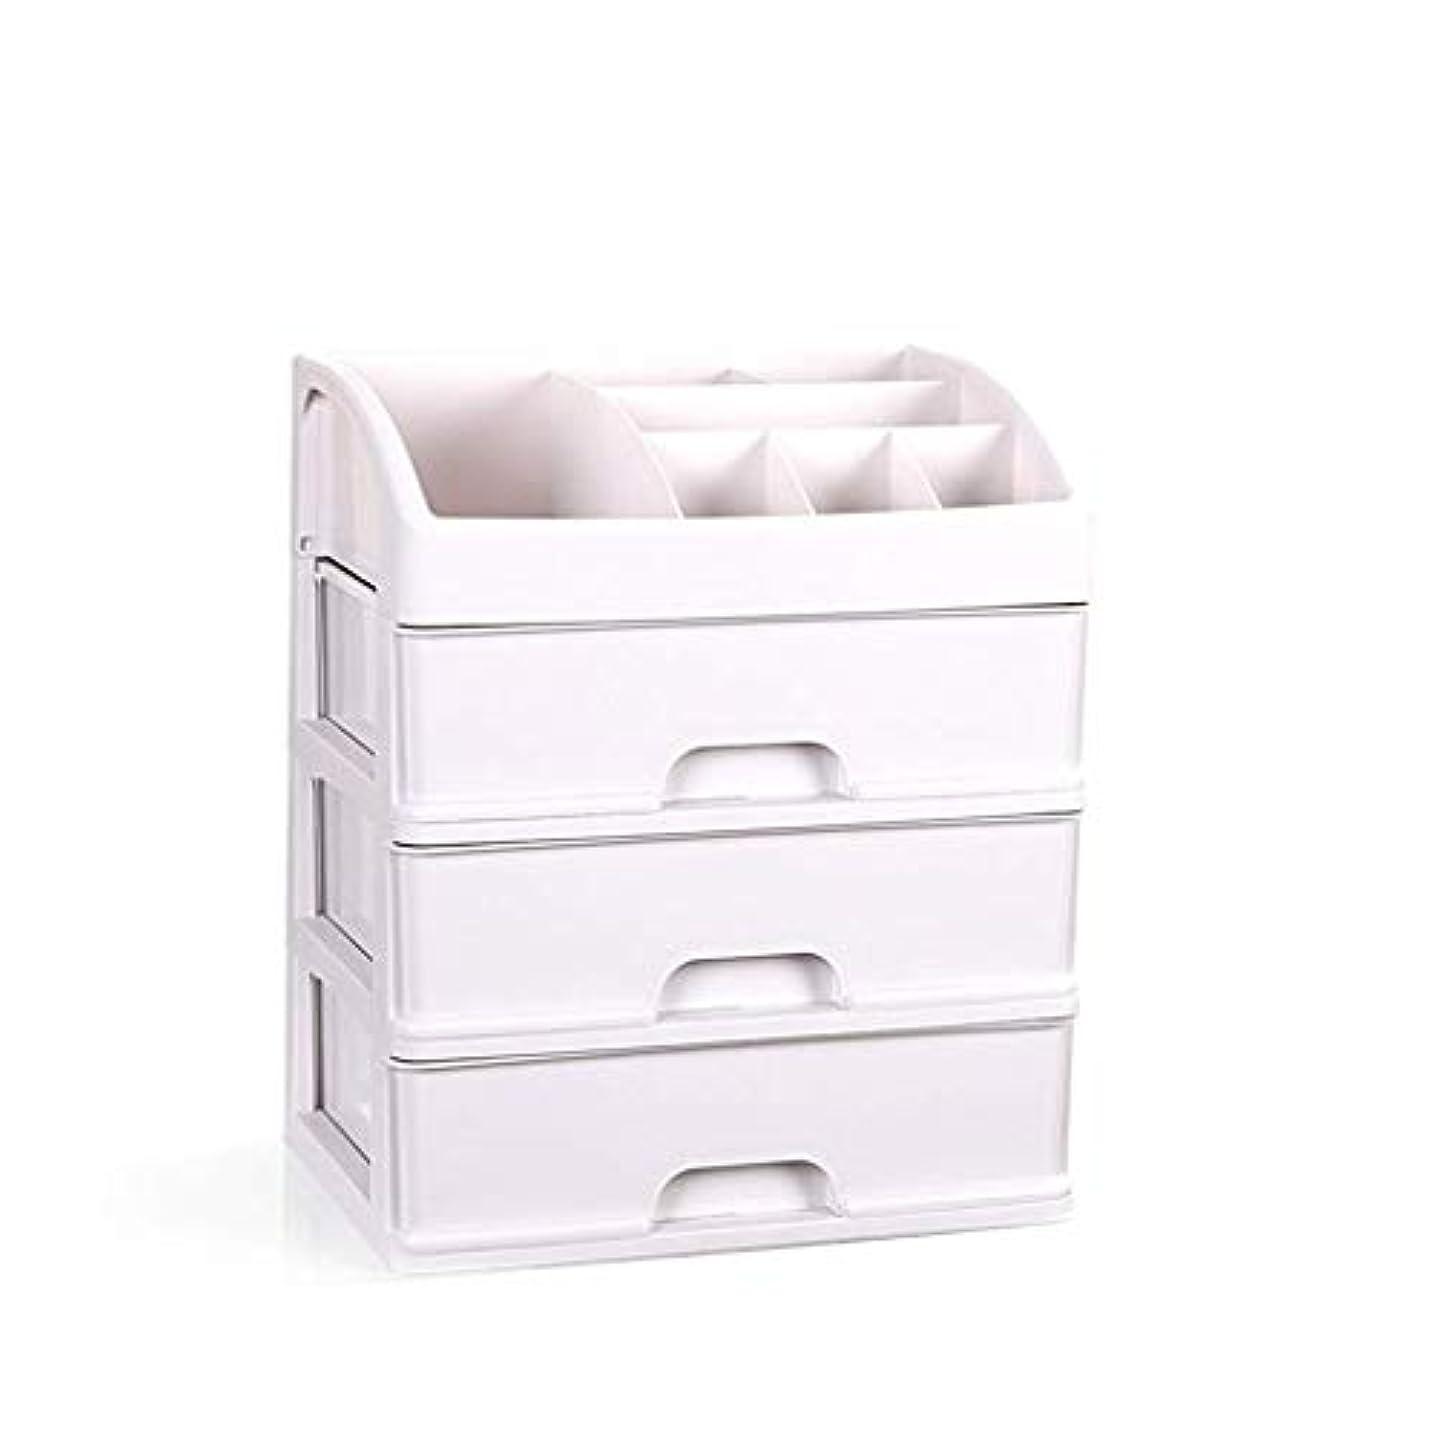 原因熟考する発見するデスクトップ化粧品収納ボックススキンケア仕上げボックス特大